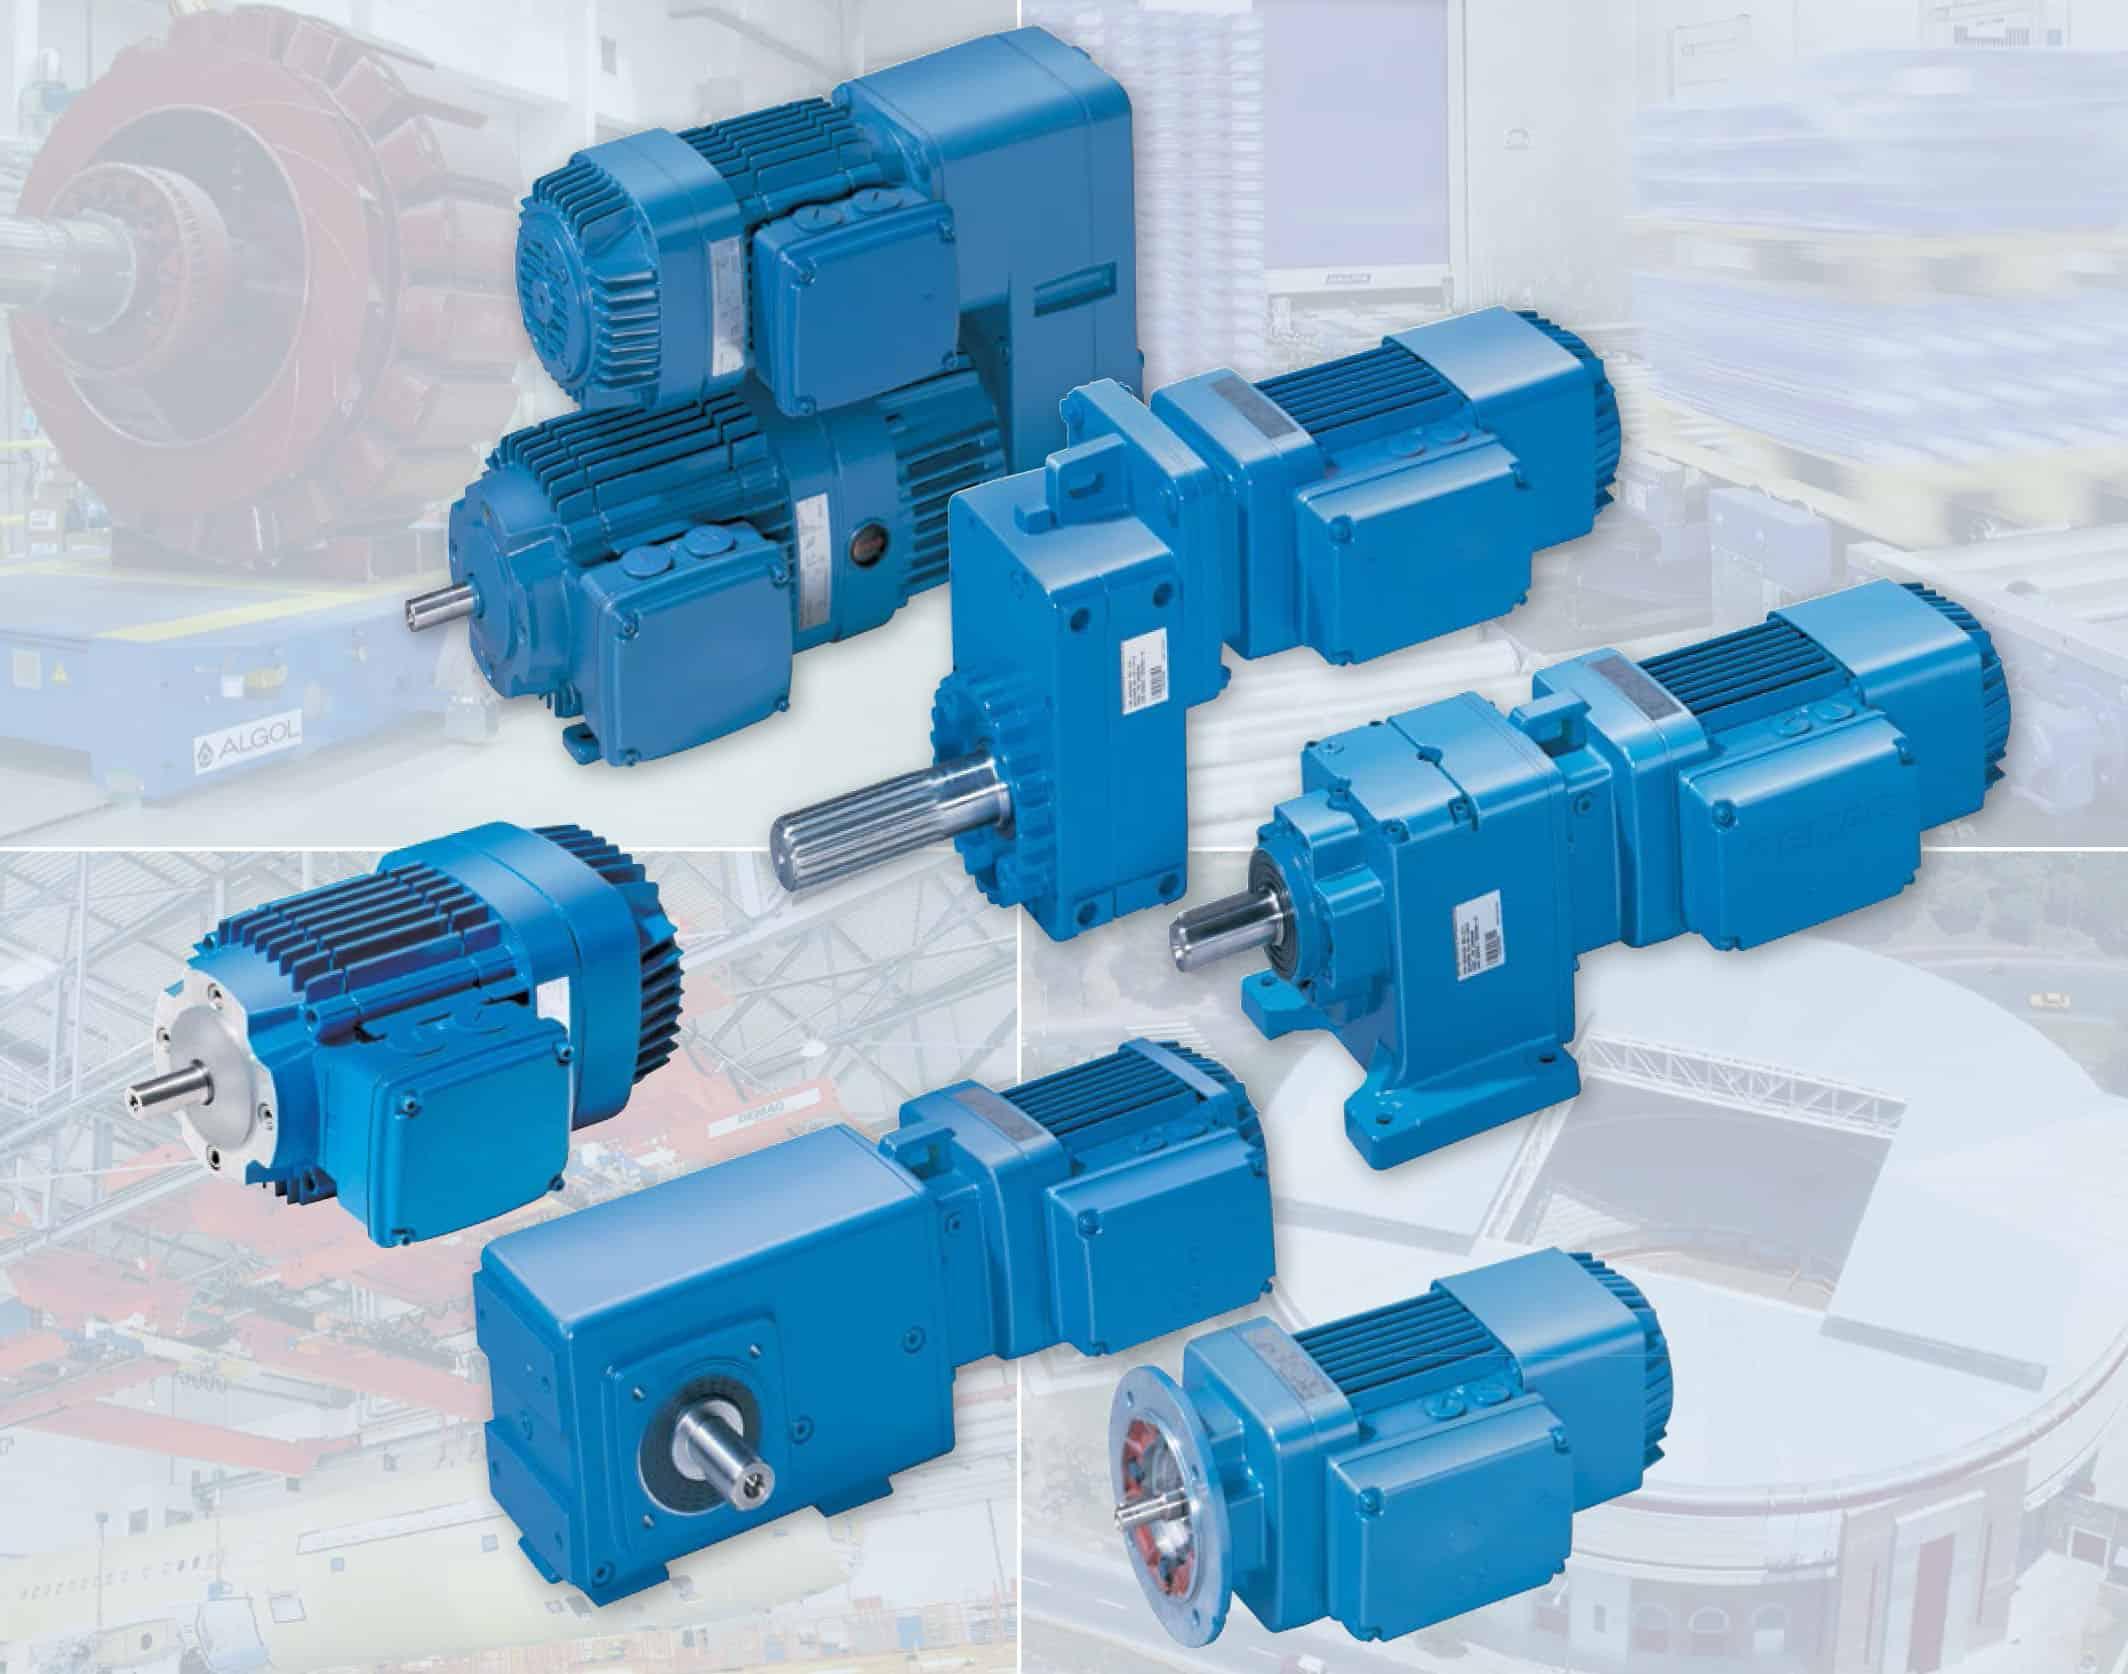 الکتروموتور دماگ، الکتروموتور سه فاز، الکتروموتور تک فاز، الکتروموتور آلمانی، قیمت الکتروموتور، موتور صنعتی، درایو الکتروموتور، درایور موتور